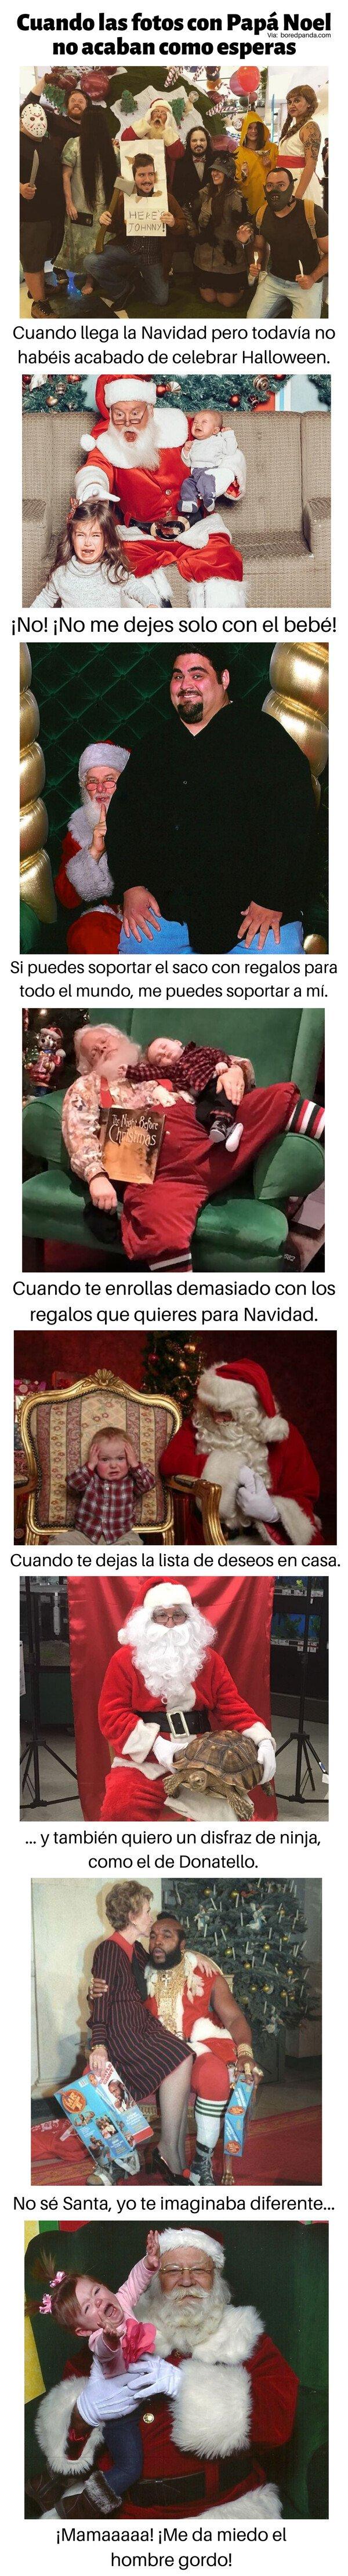 Meme_otros - Cuando las fotos con Papá Noel no salen como esperas